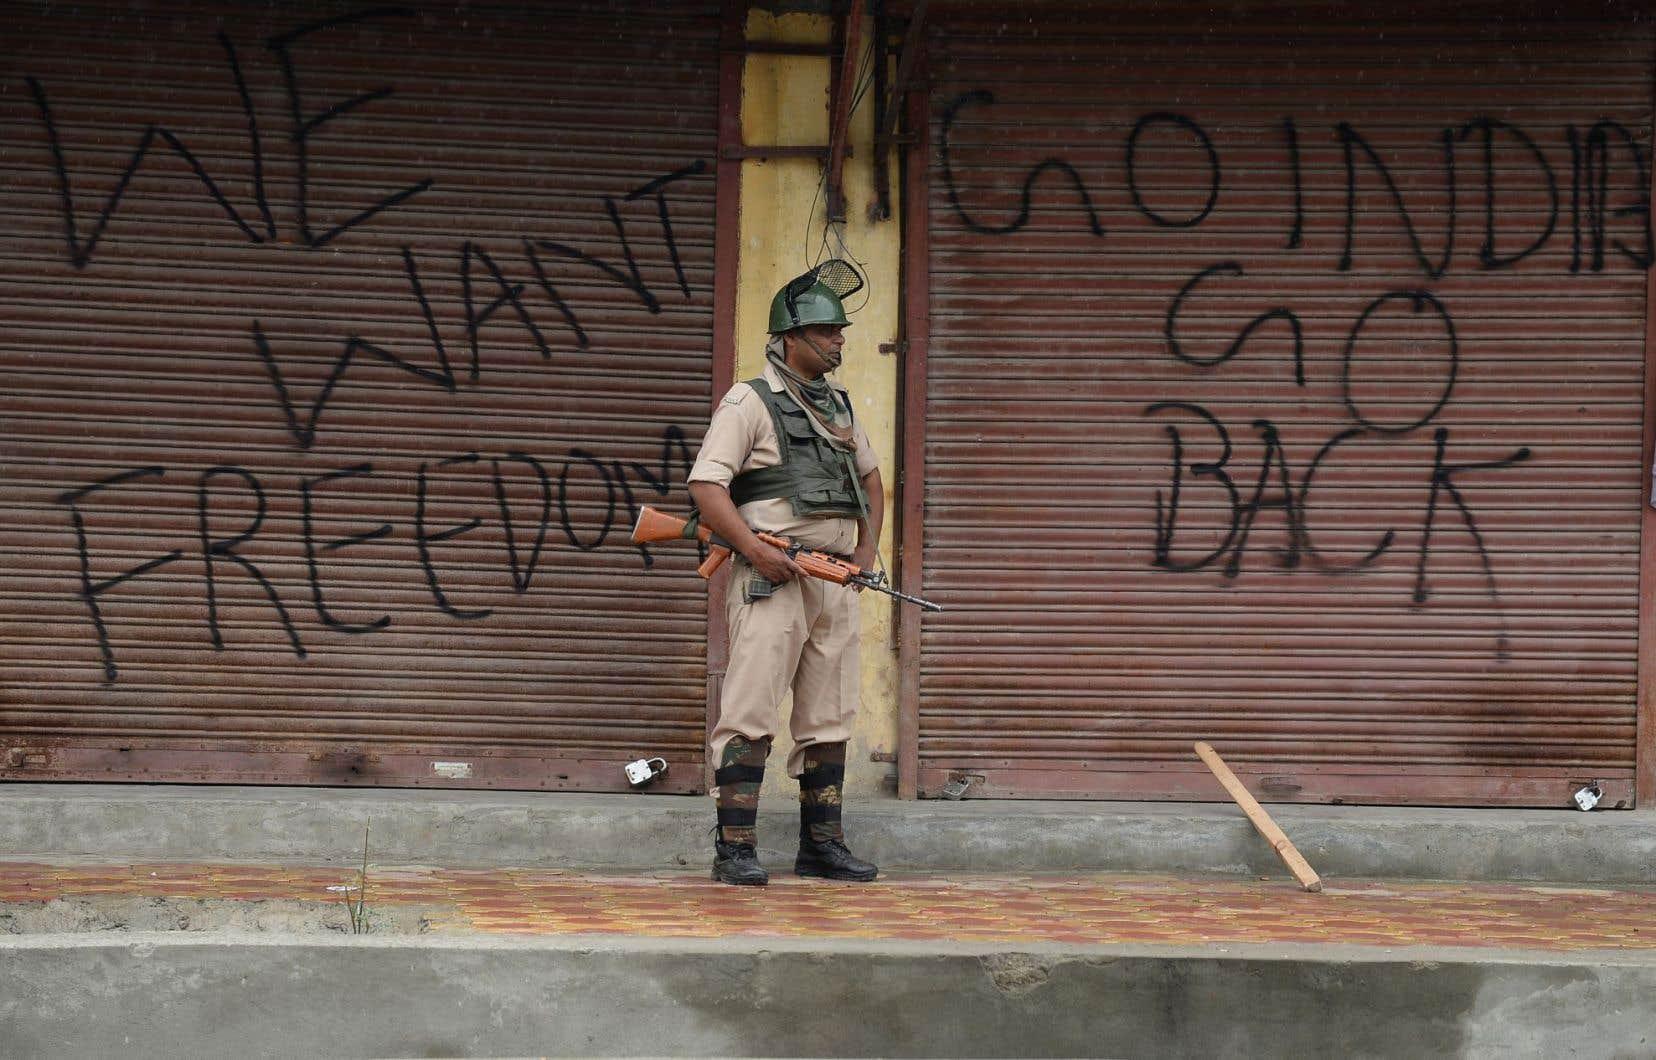 Le Cachemire est l'un des plus anciens conflits continus au monde. Il dure parce qu'il oppose deux États ennemis depuis leur création en 1947.